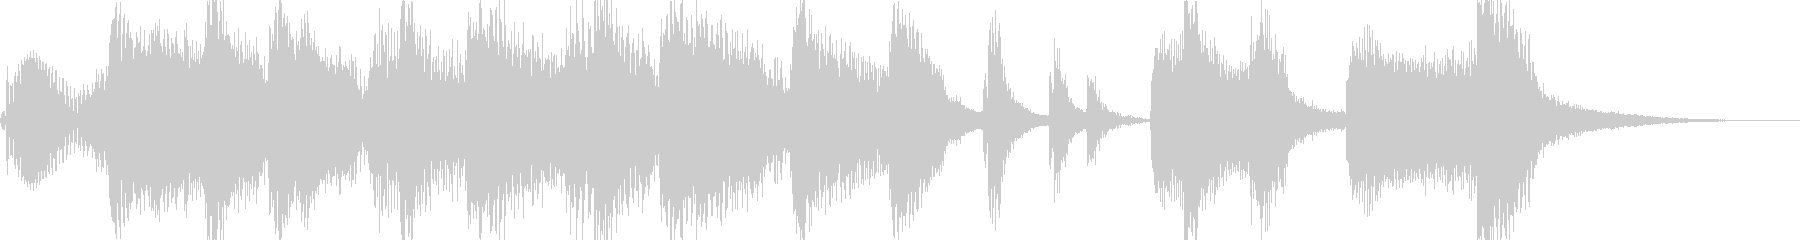 軽やかでワクワクなジングル・アイキャッチの未再生の波形